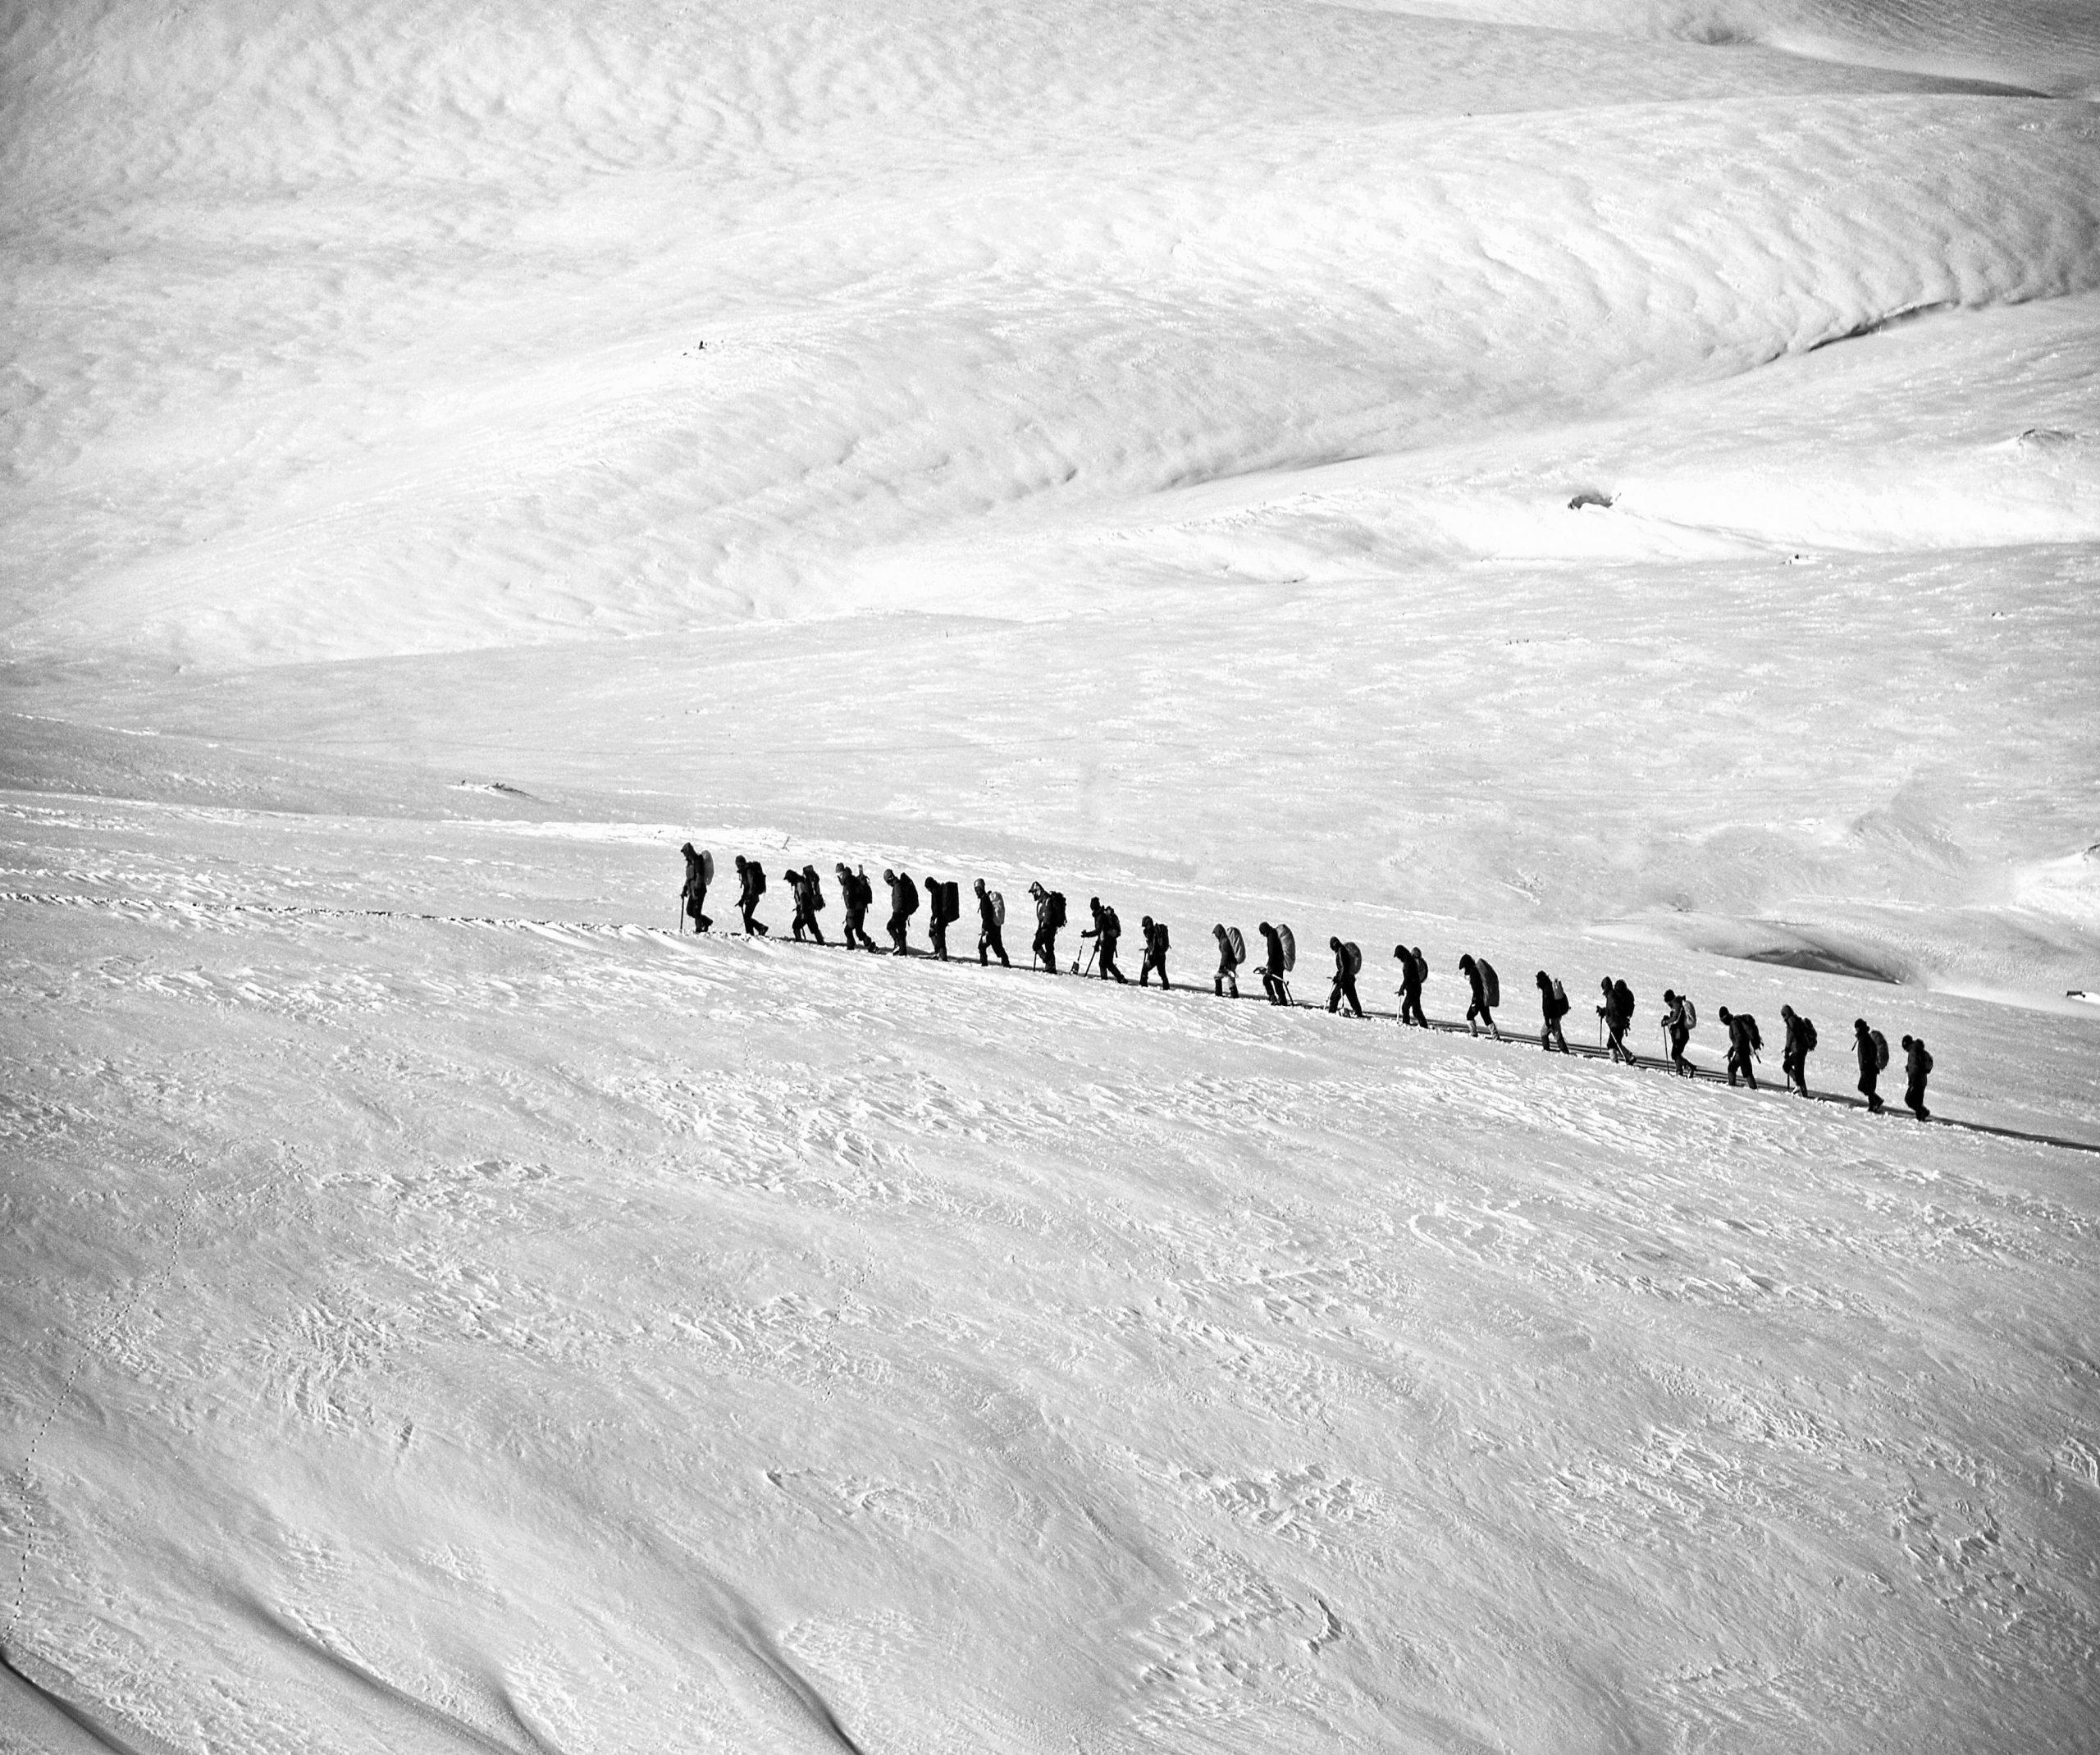 Queue of winter hikers